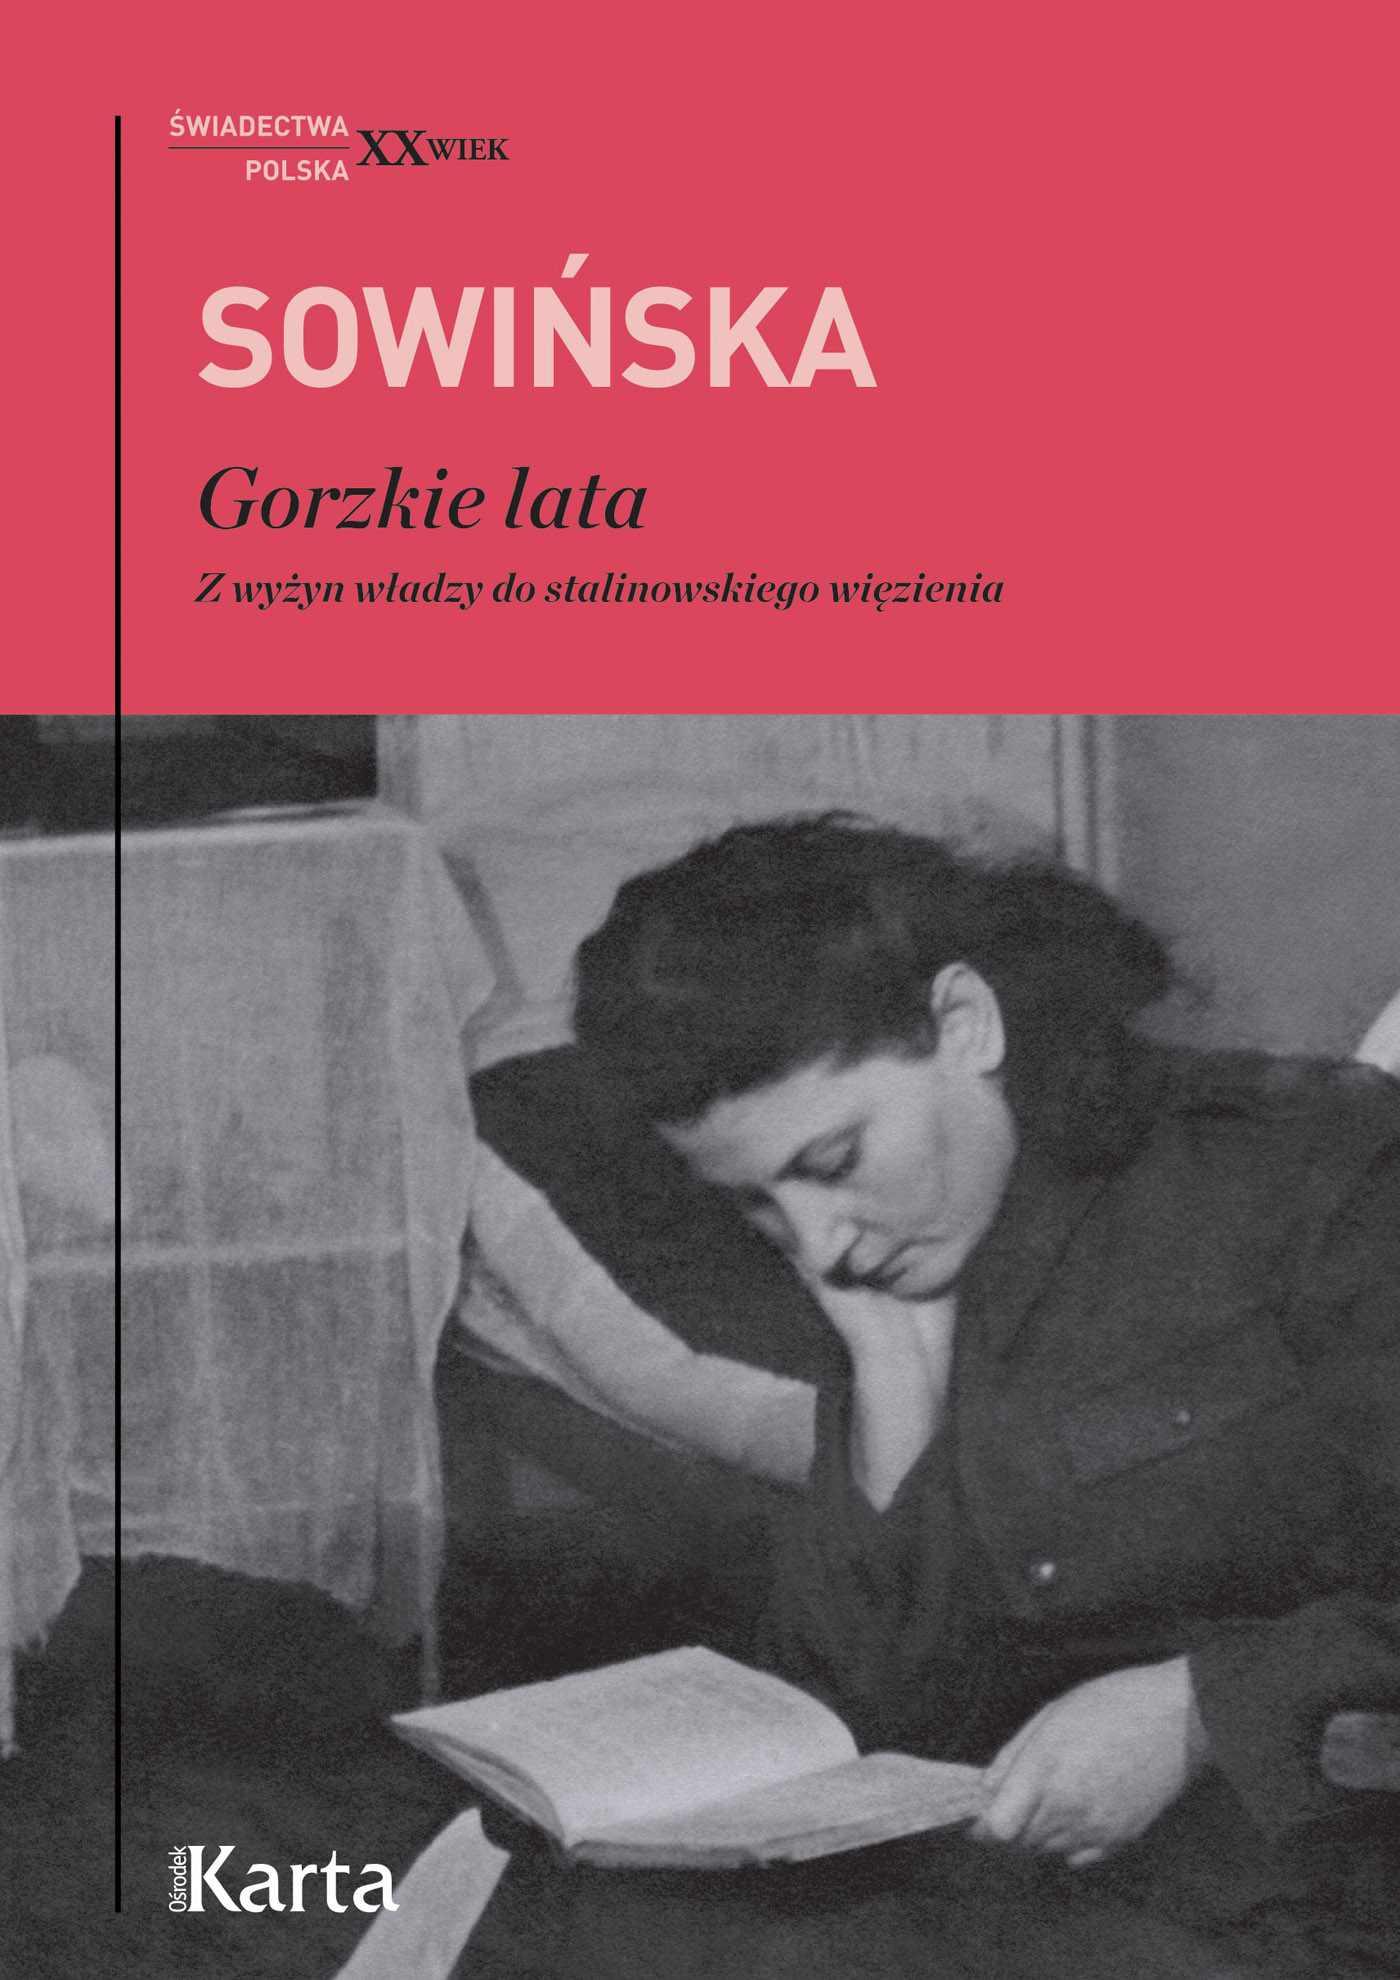 Gorzkie lata. Z wyżyn władzy do stalinowskiego więzienia - Ebook (Książka EPUB) do pobrania w formacie EPUB